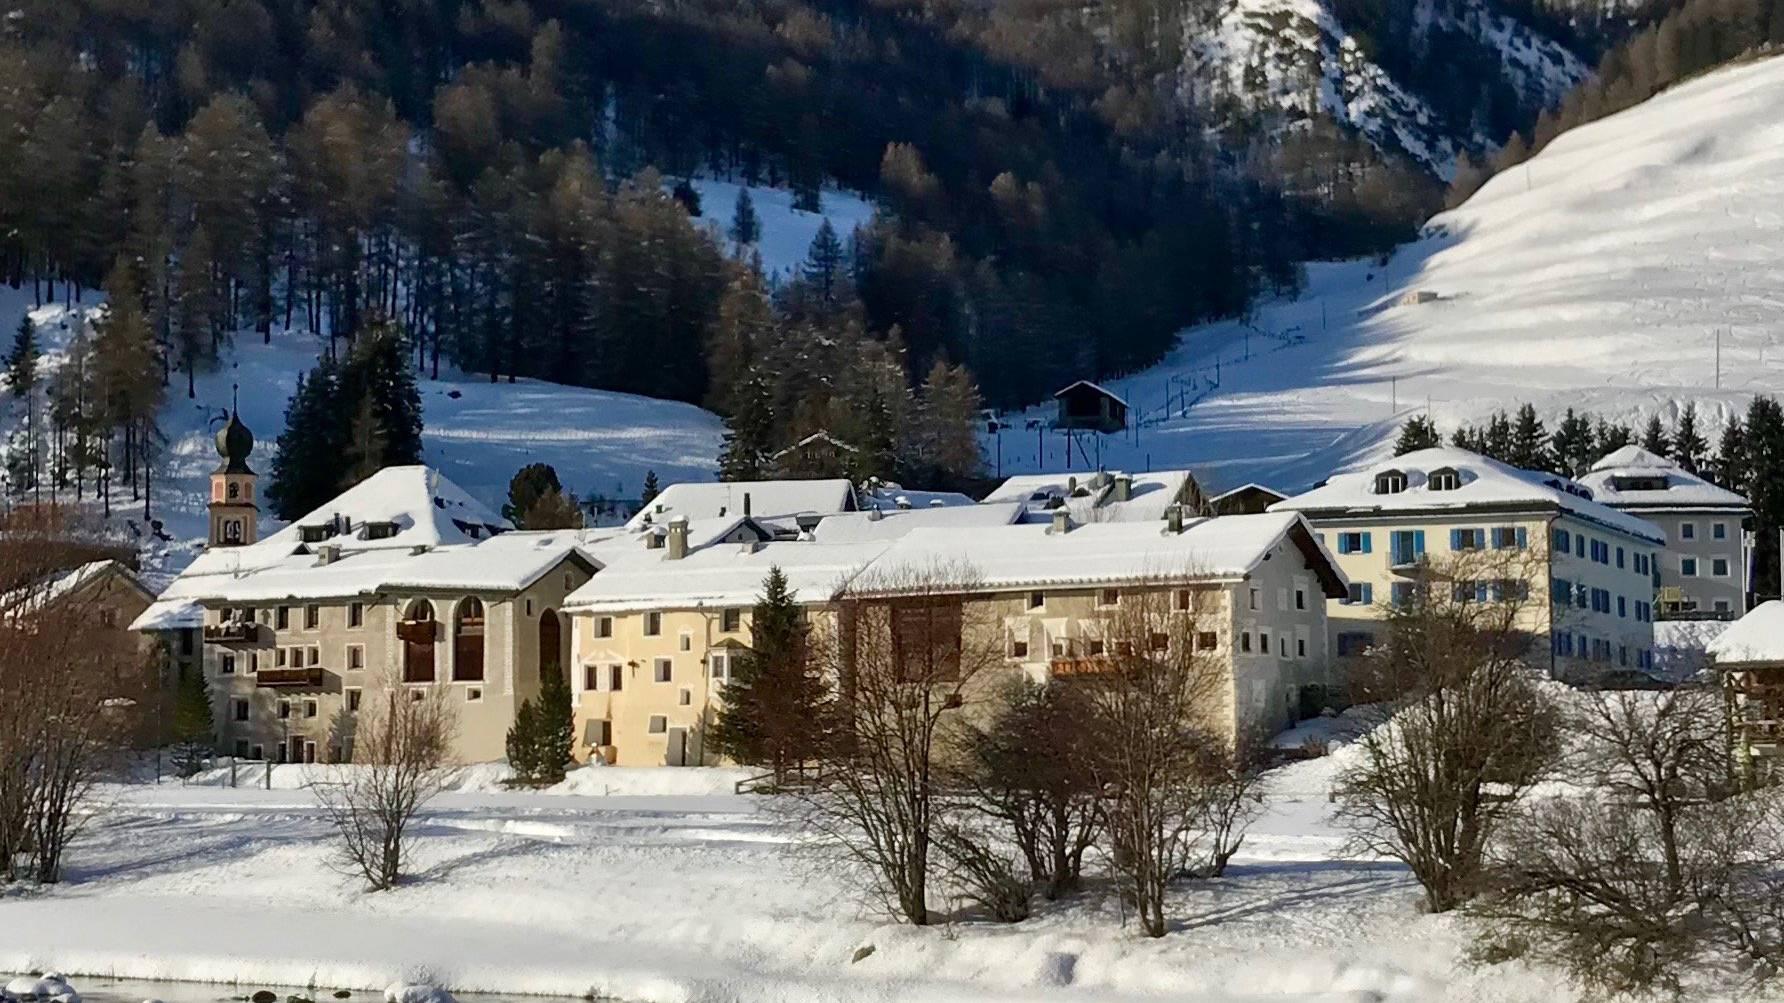 Vor allem der erhaltene Dorfkern macht die Schönheit des Dorfes aus.